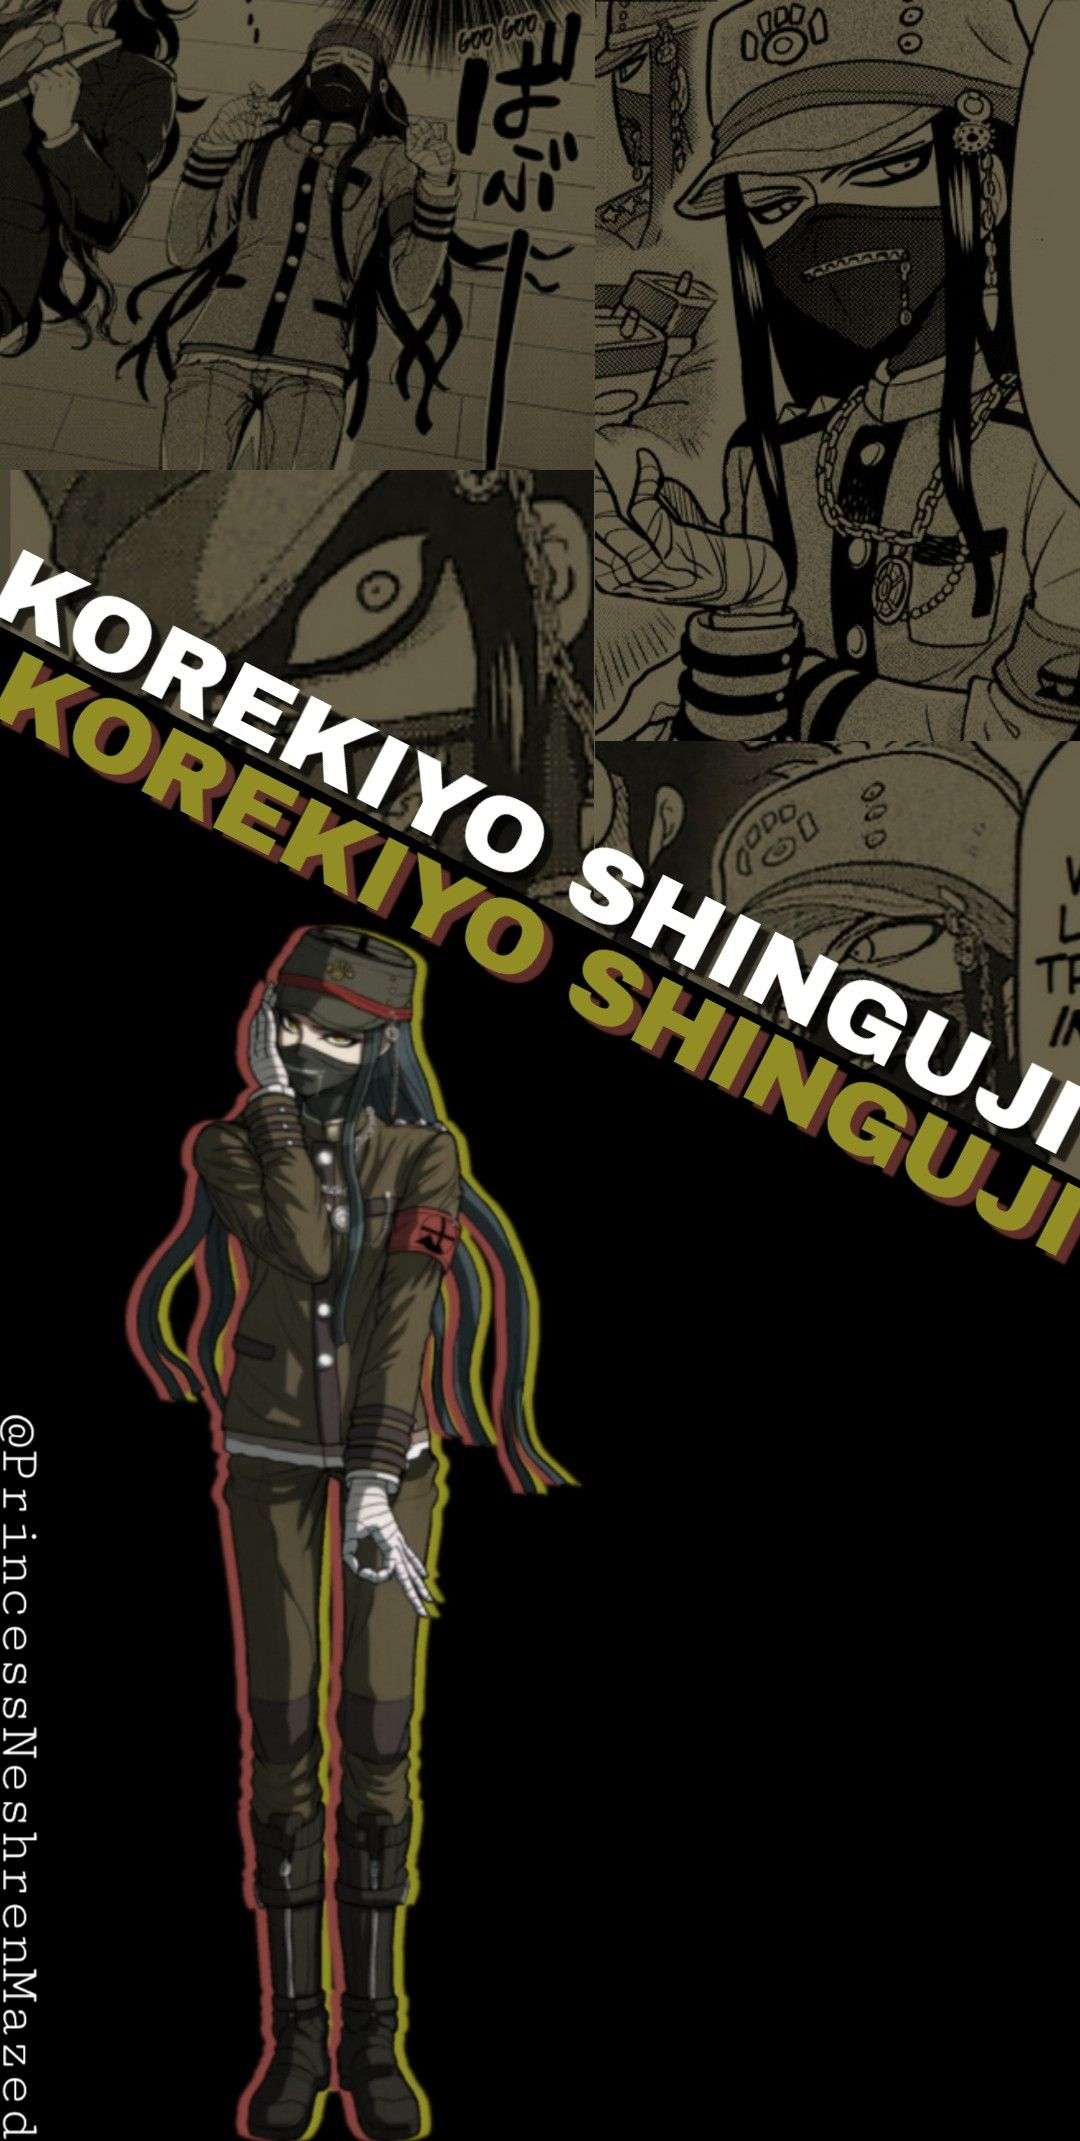 Korekiyo Shinguji Wallpaper Danganronpa Cool Anime Wallpapers Danganronpa Characters